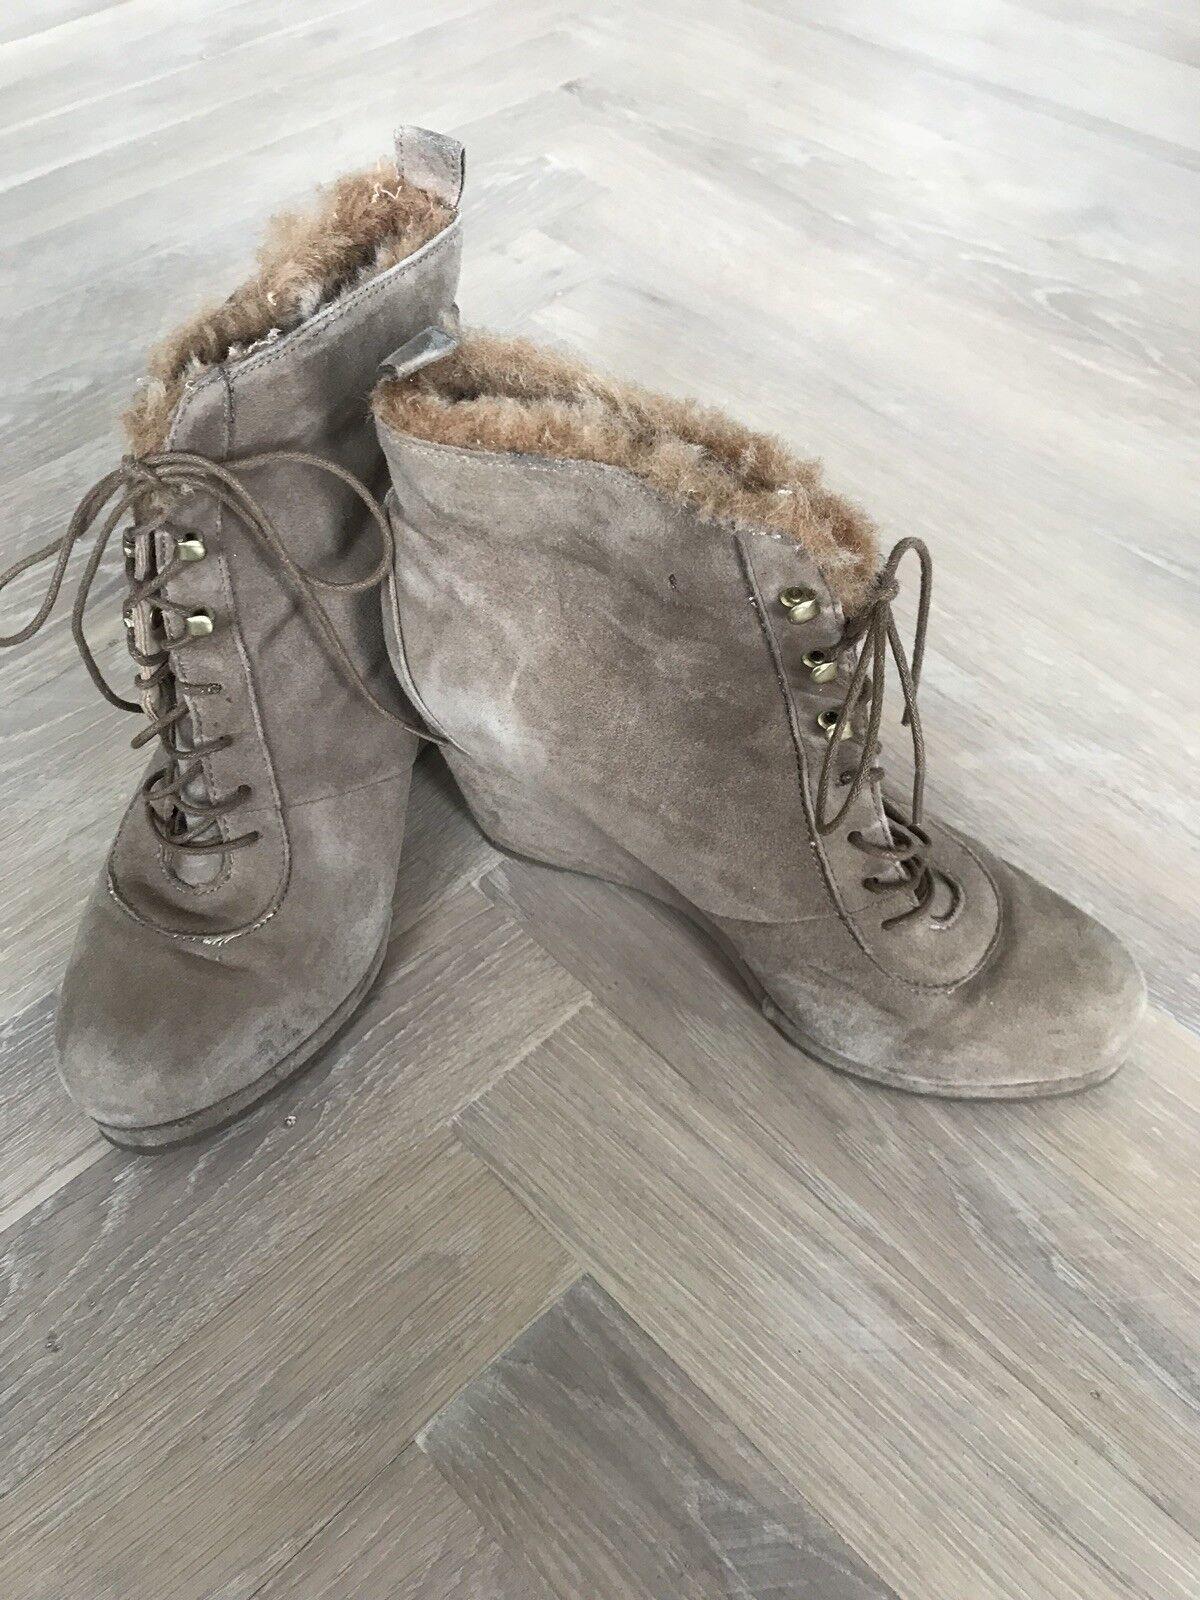 lk bennett boots 7 Günstige und gute Schuhe